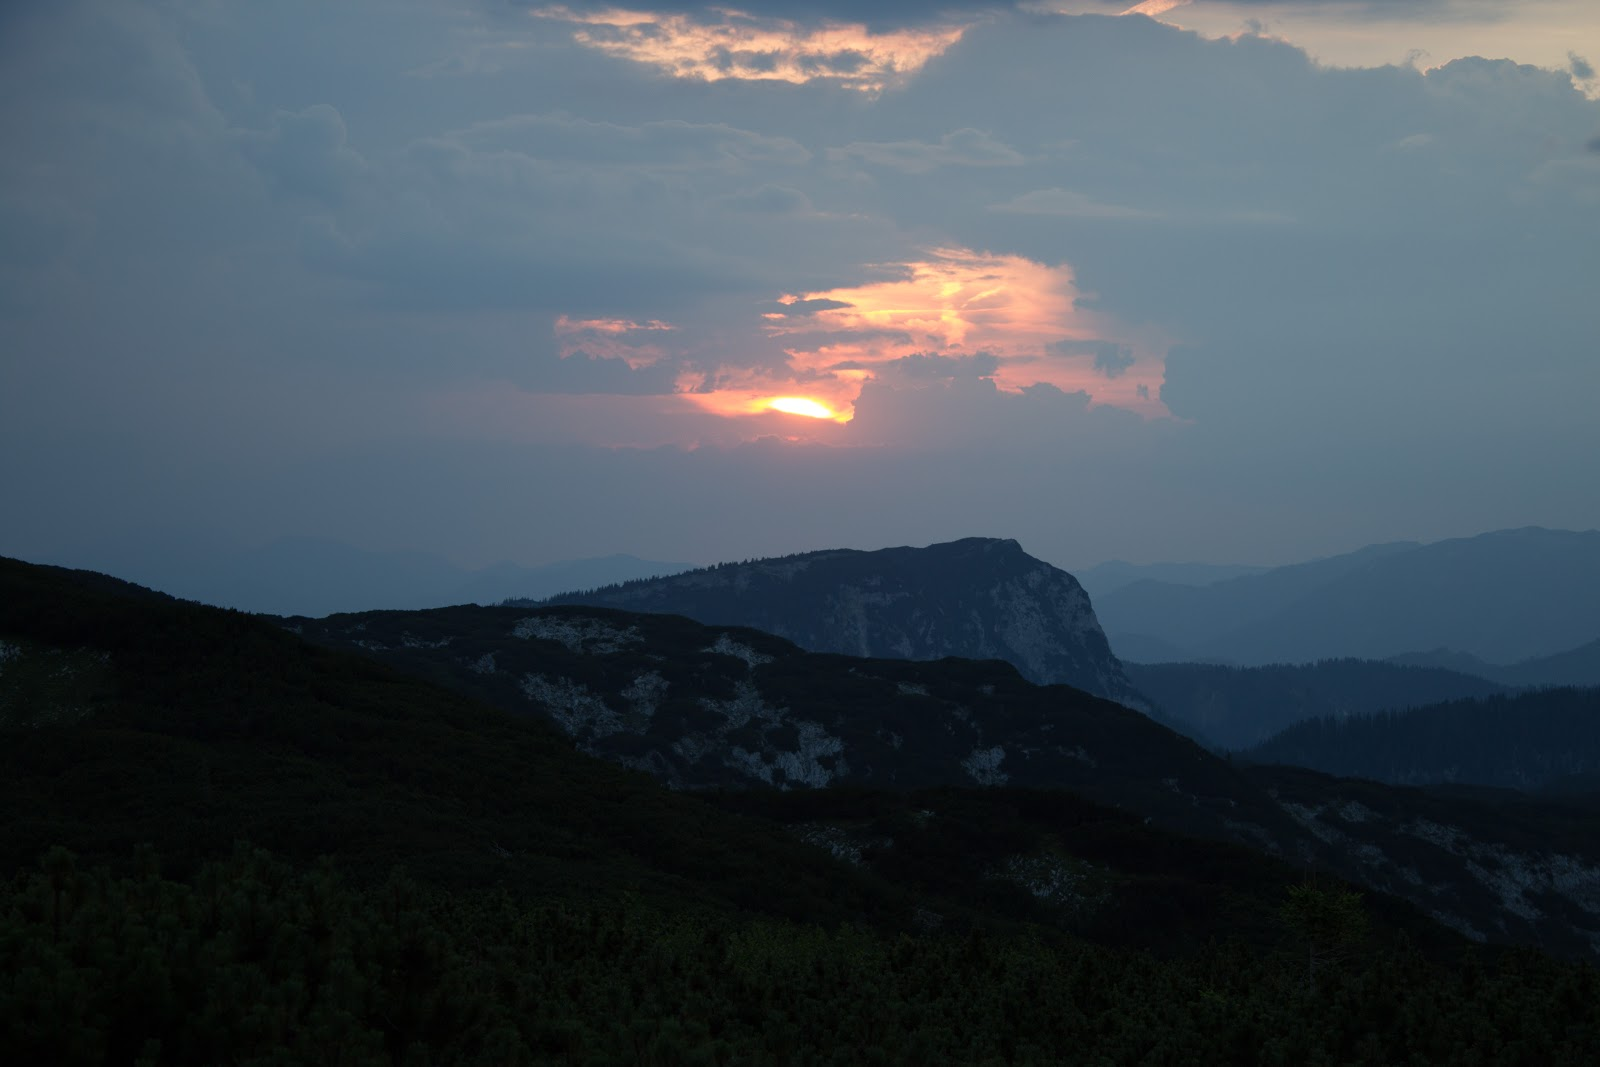 Zweitägige Wanderung von der Gsollkehre in Eisenerz über die Gsollalm zum Brandstein und weiter über Fobisalm und Hinterseeau zum Leopoldsteinersee - Sonnenuntergang